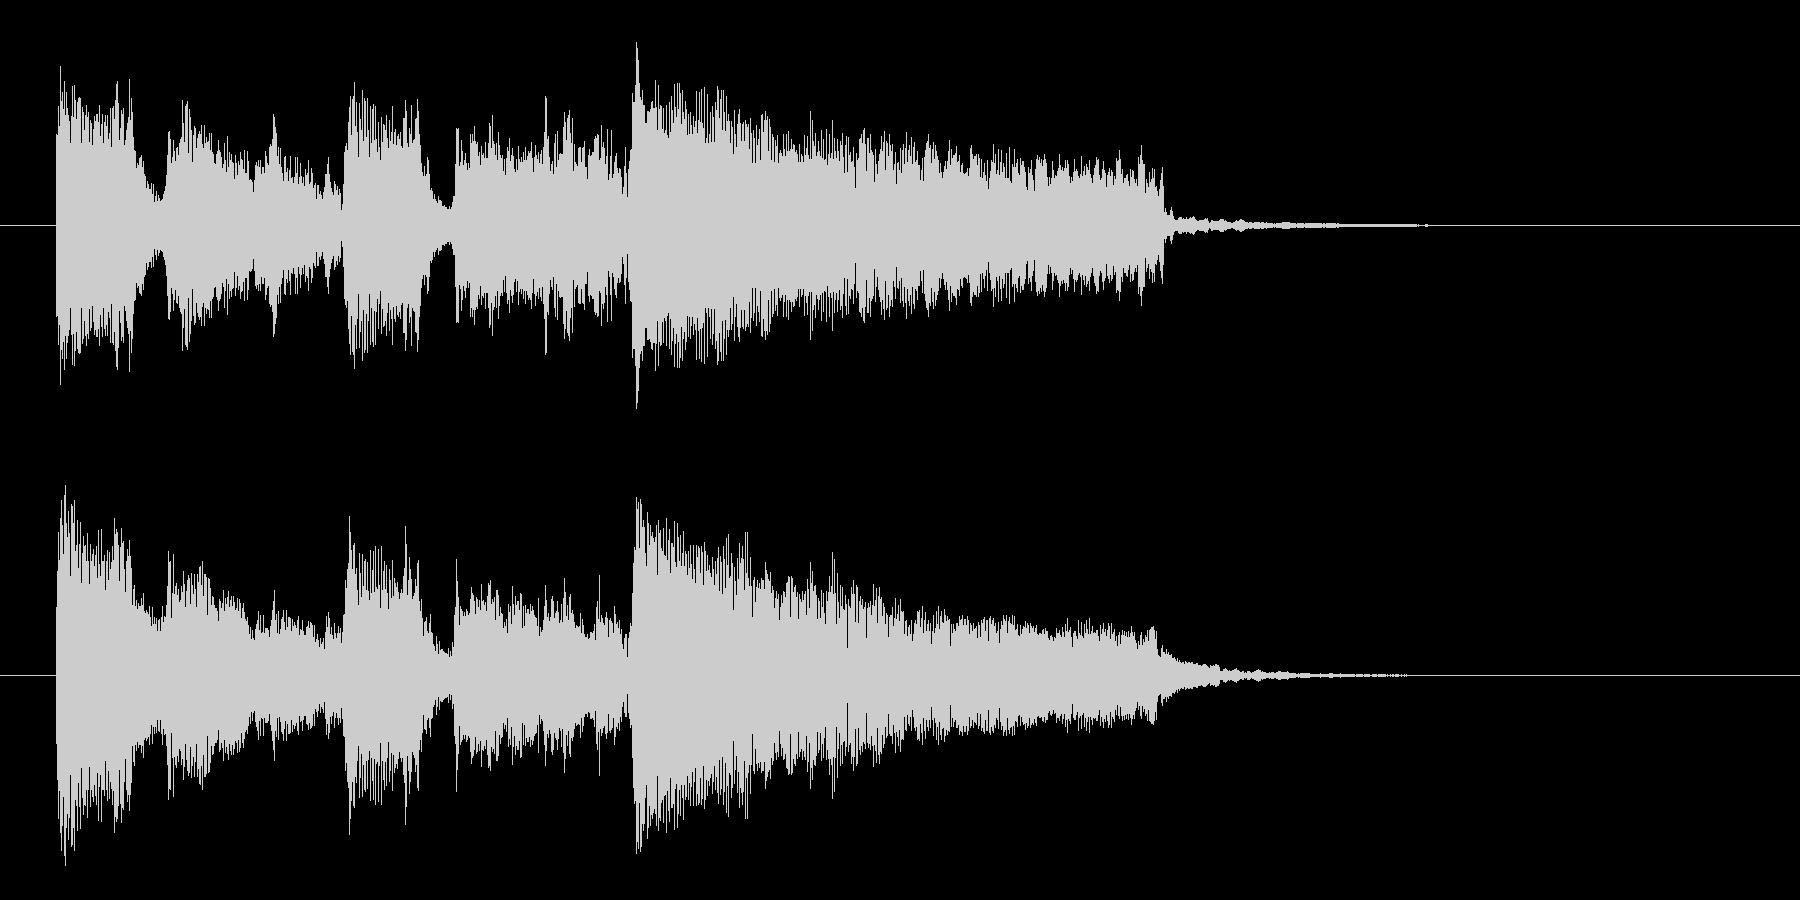 明るく軽やかな短めのアップテンポな曲の未再生の波形